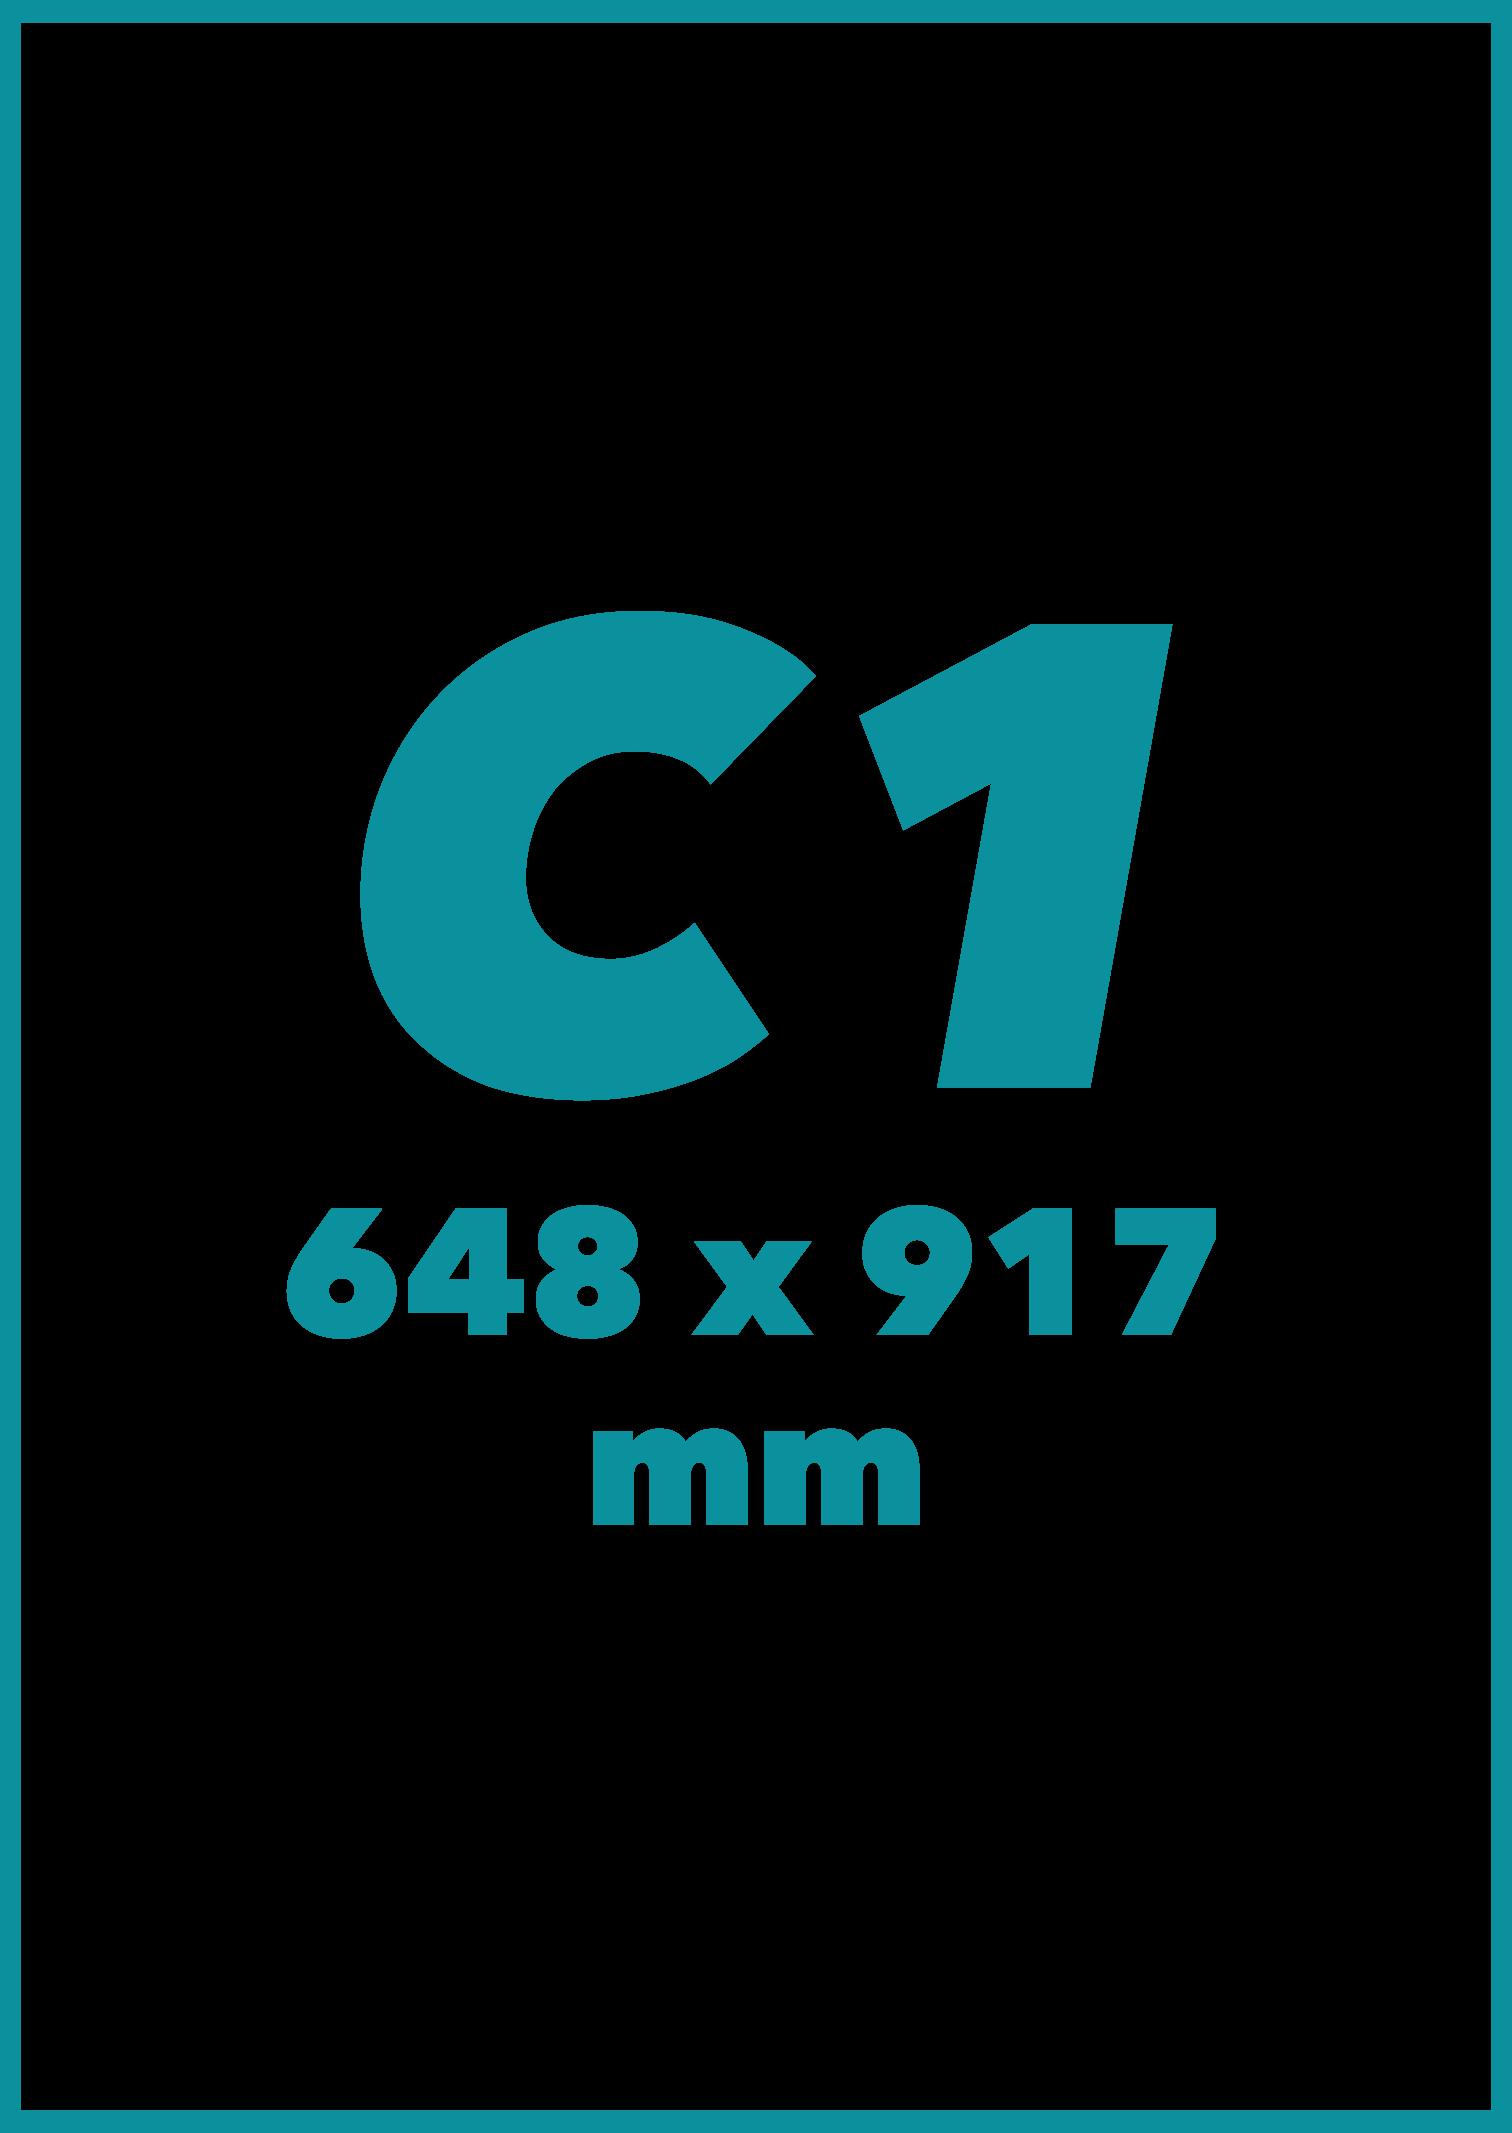 C1 Formatas